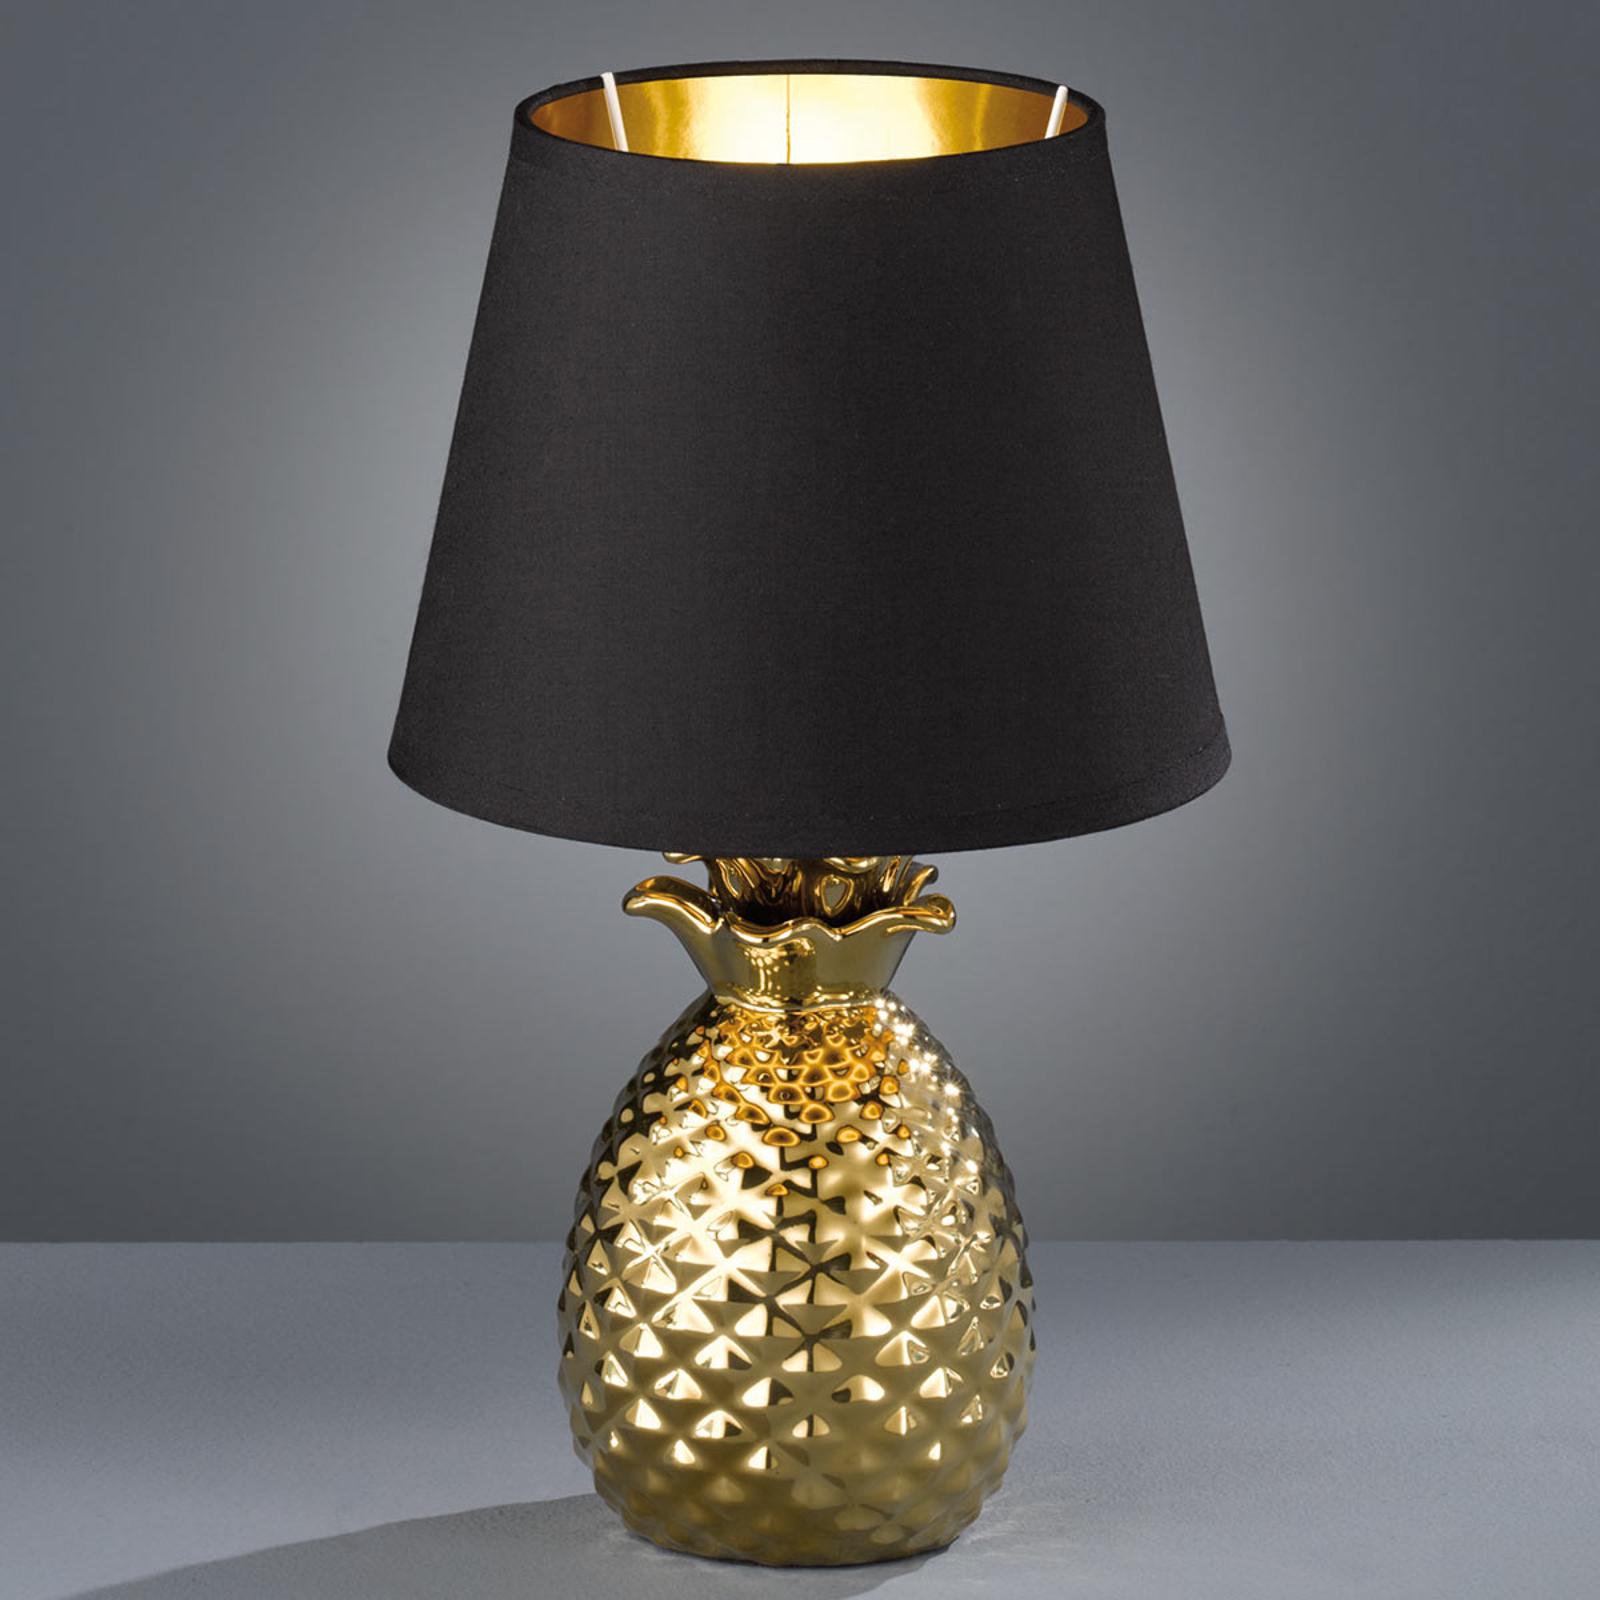 Upea keraaminen pöytälamppu Pineapple, kulta-musta